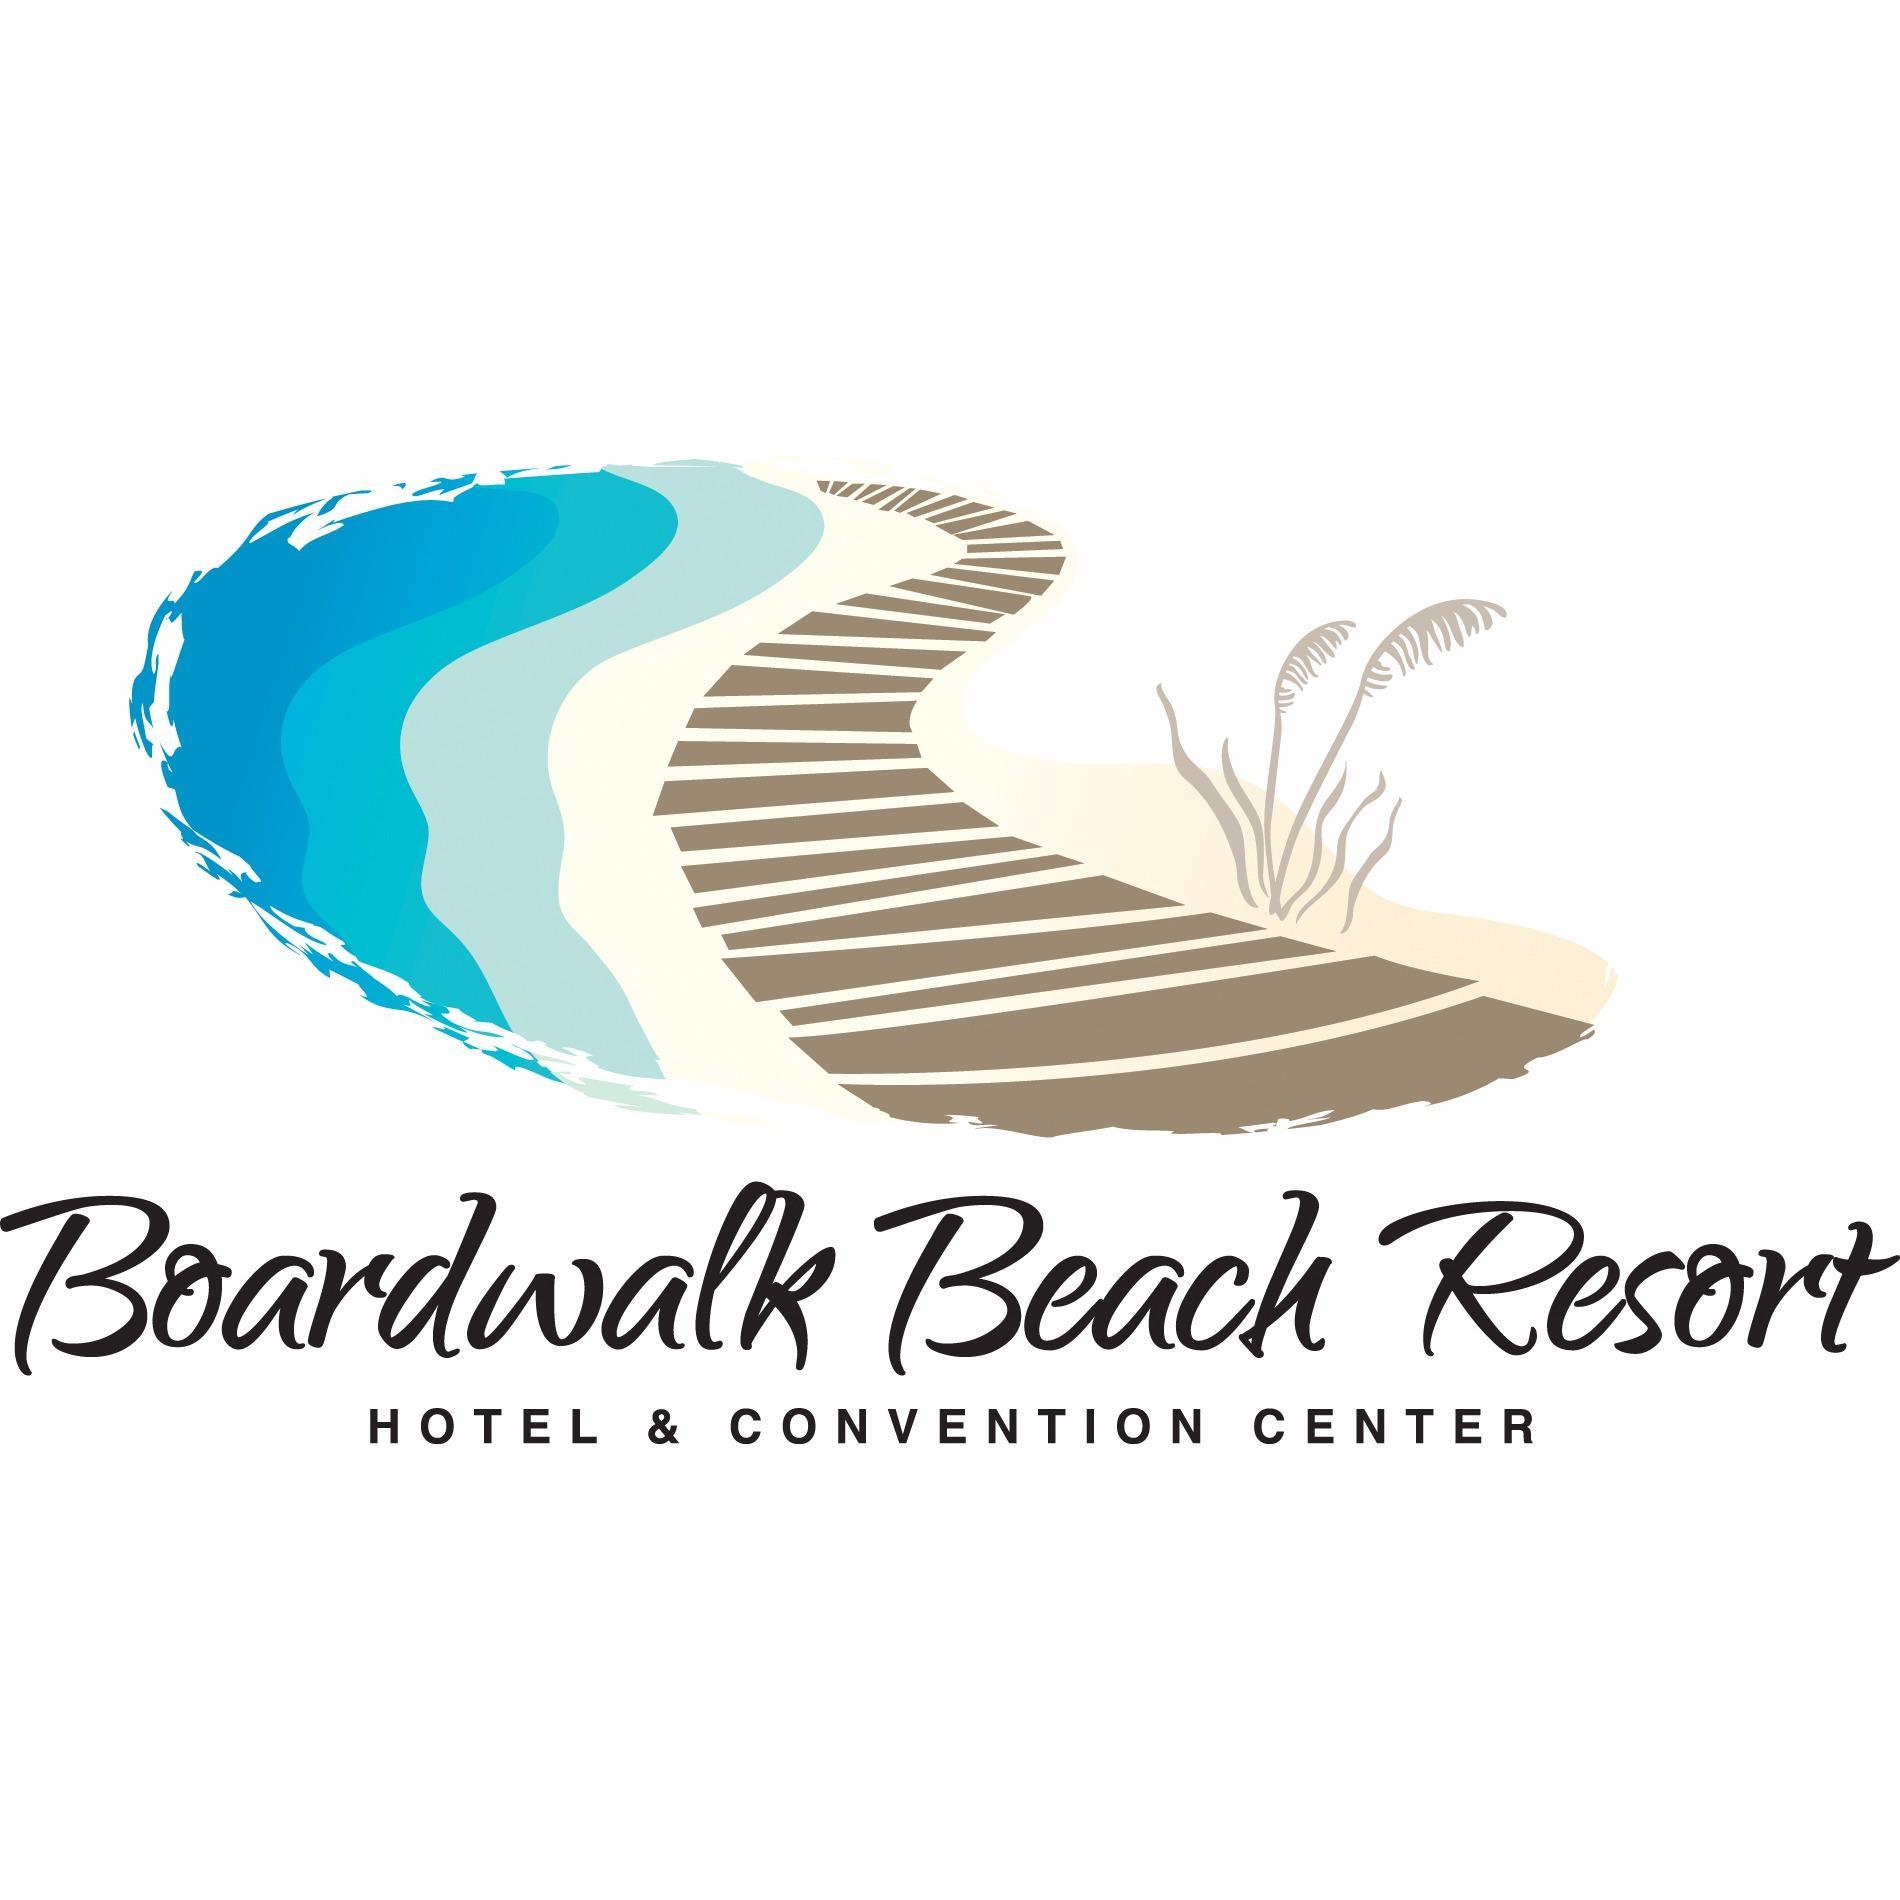 Boardwalk Beach Hotel & Convention Center